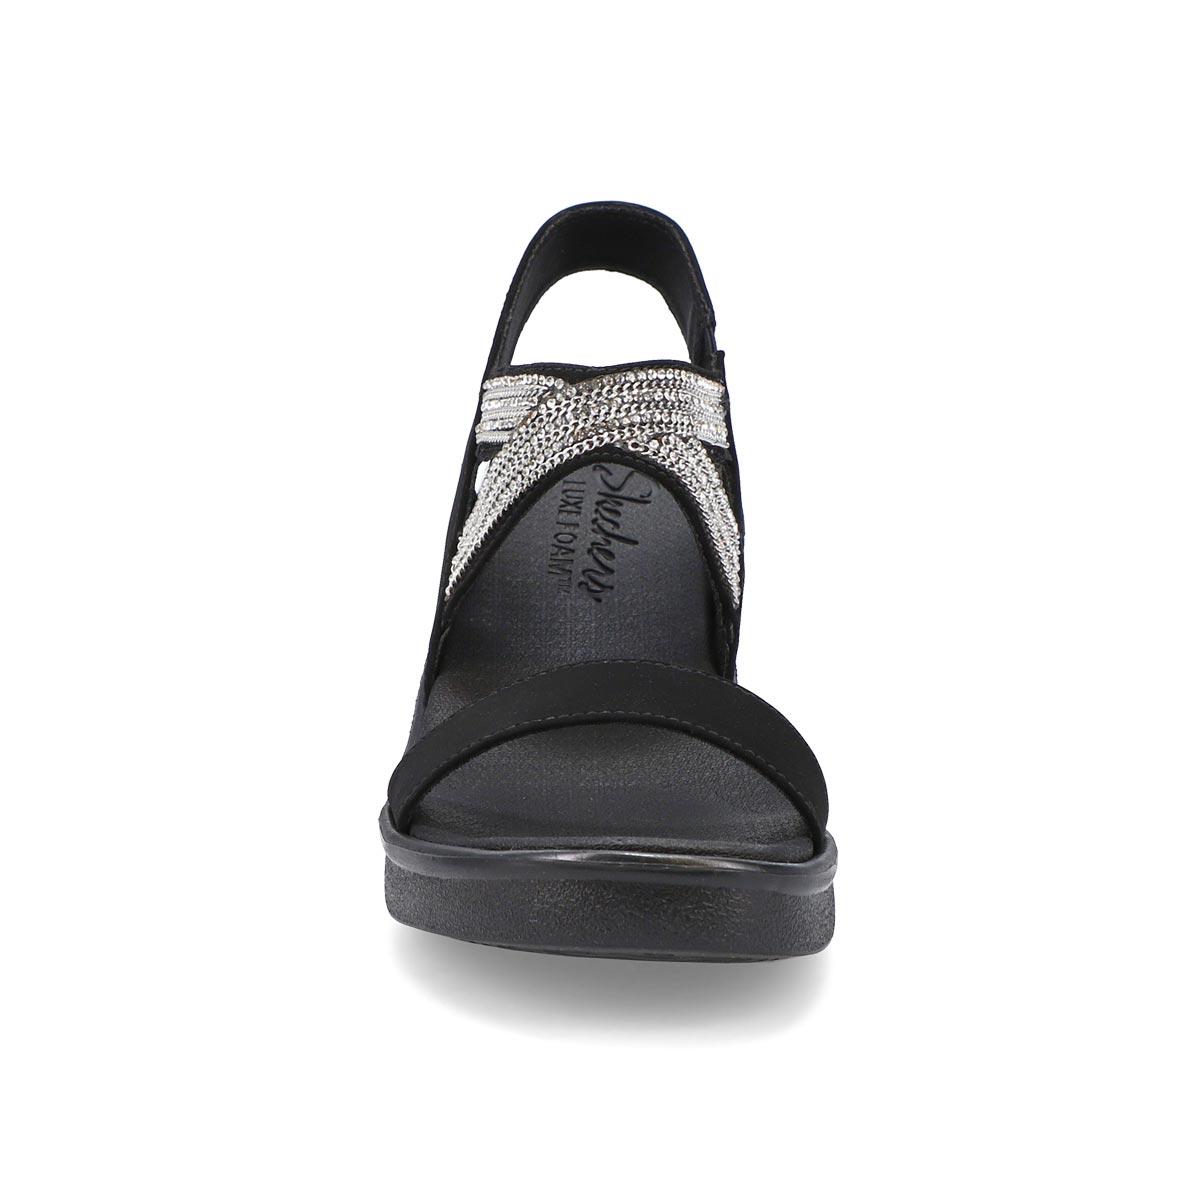 Sandale Rumble On Chart Topper, femmes - Noir